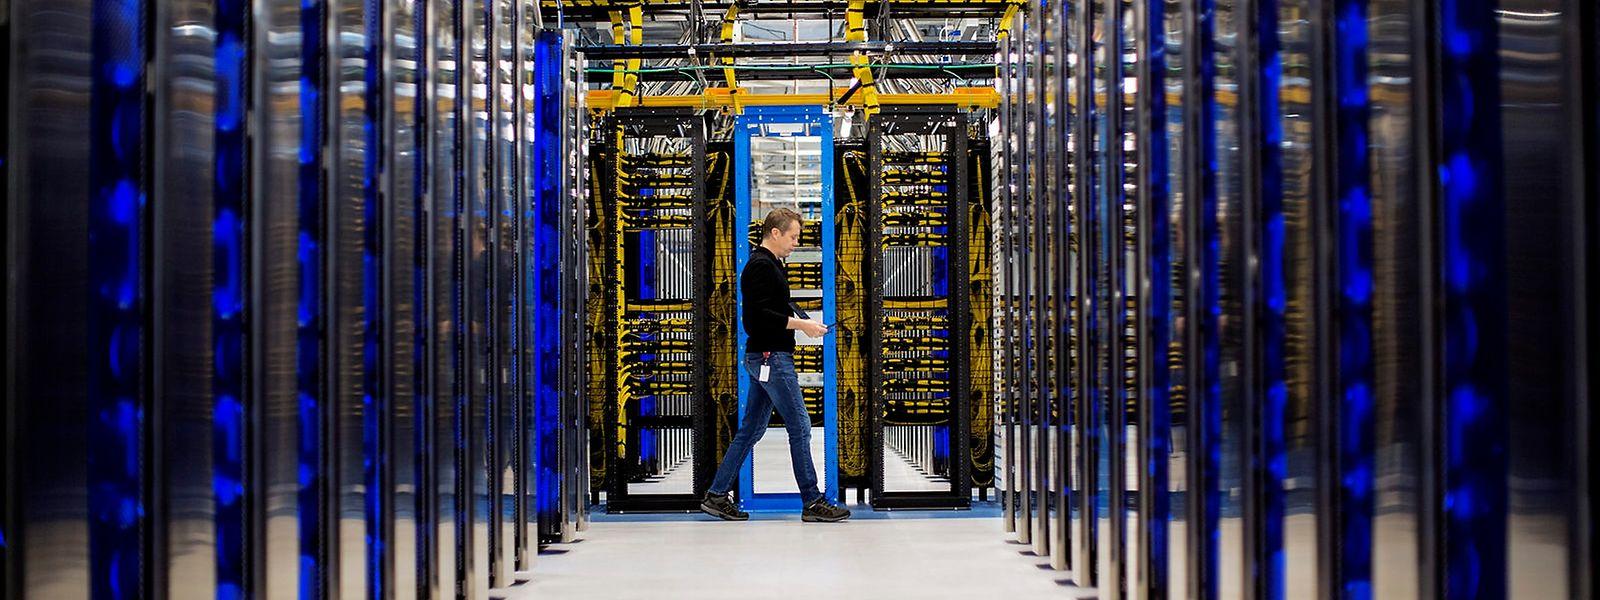 Unternehmen lagern immer mehr Daten aus, zum Beispiel in solche Datencenter wie von Microsoft Azure, der Cloud-Tochter des IT-Giganten.